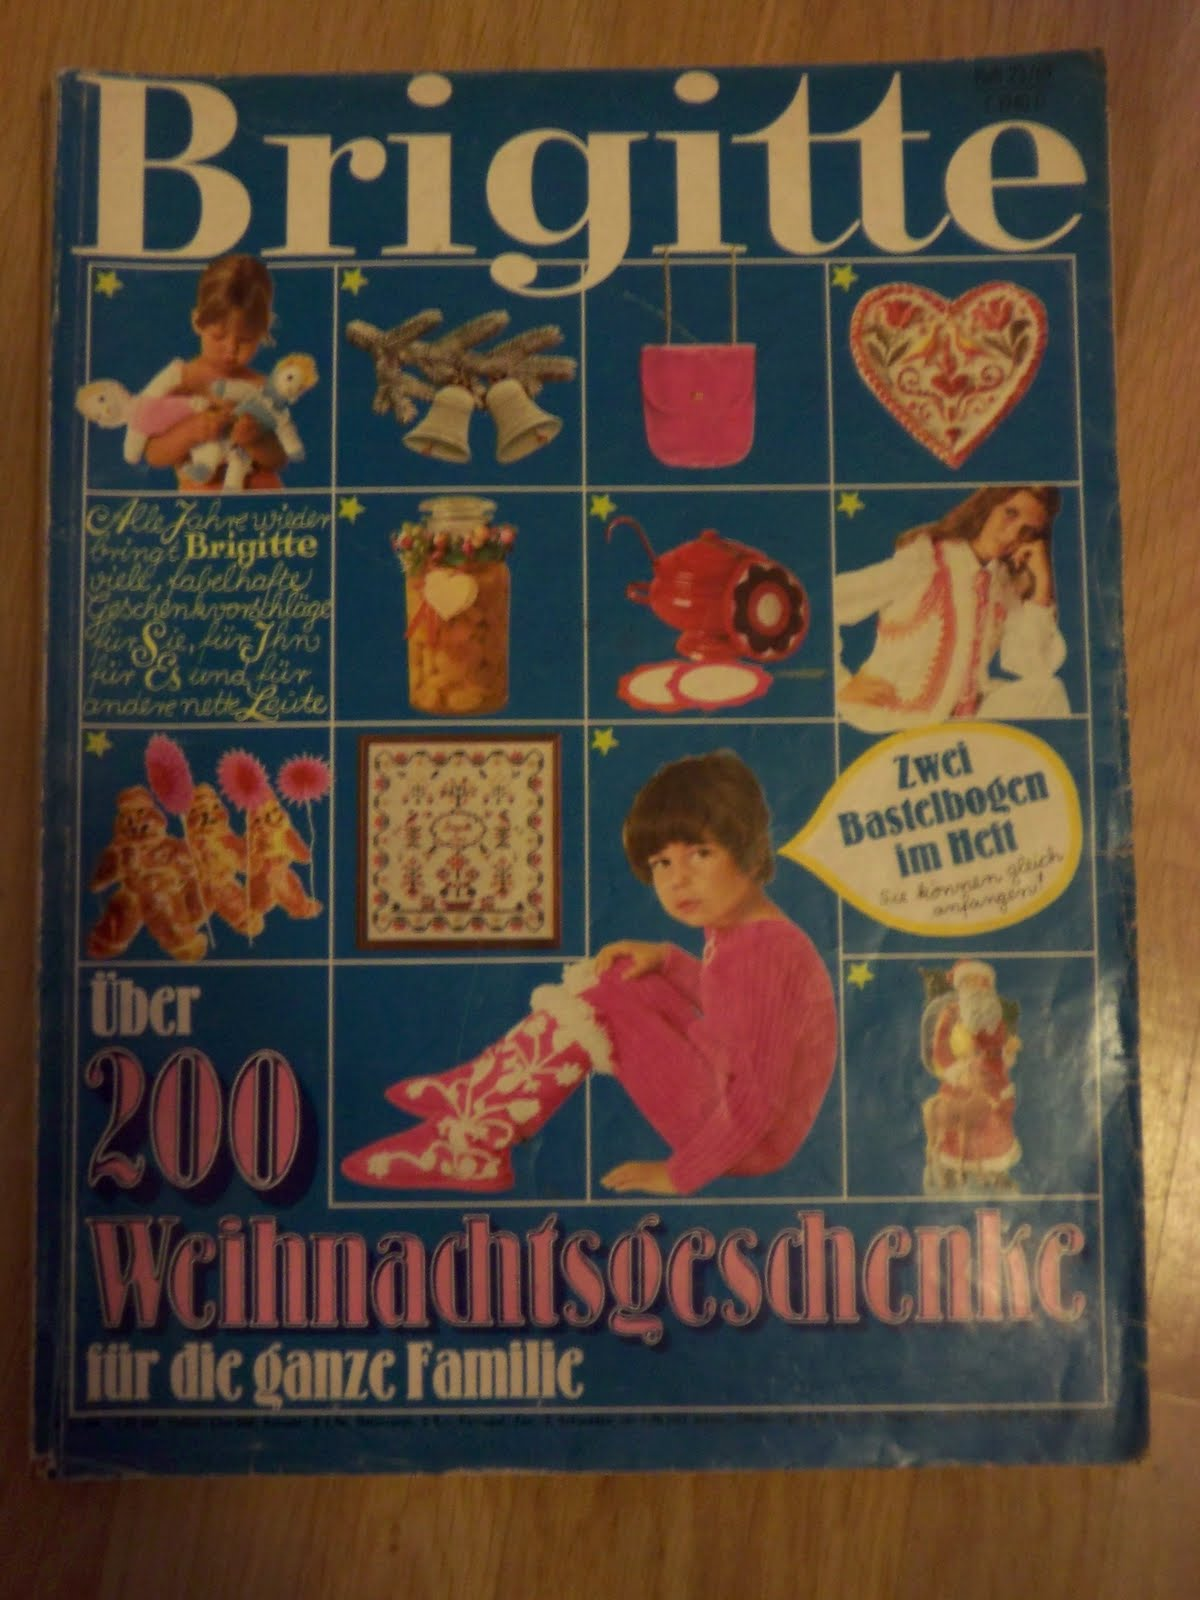 Brigitte Weihnachtsgeschenke.Rose Und Lavendel Vintage Weihnachtsgeschenke Anno 1969